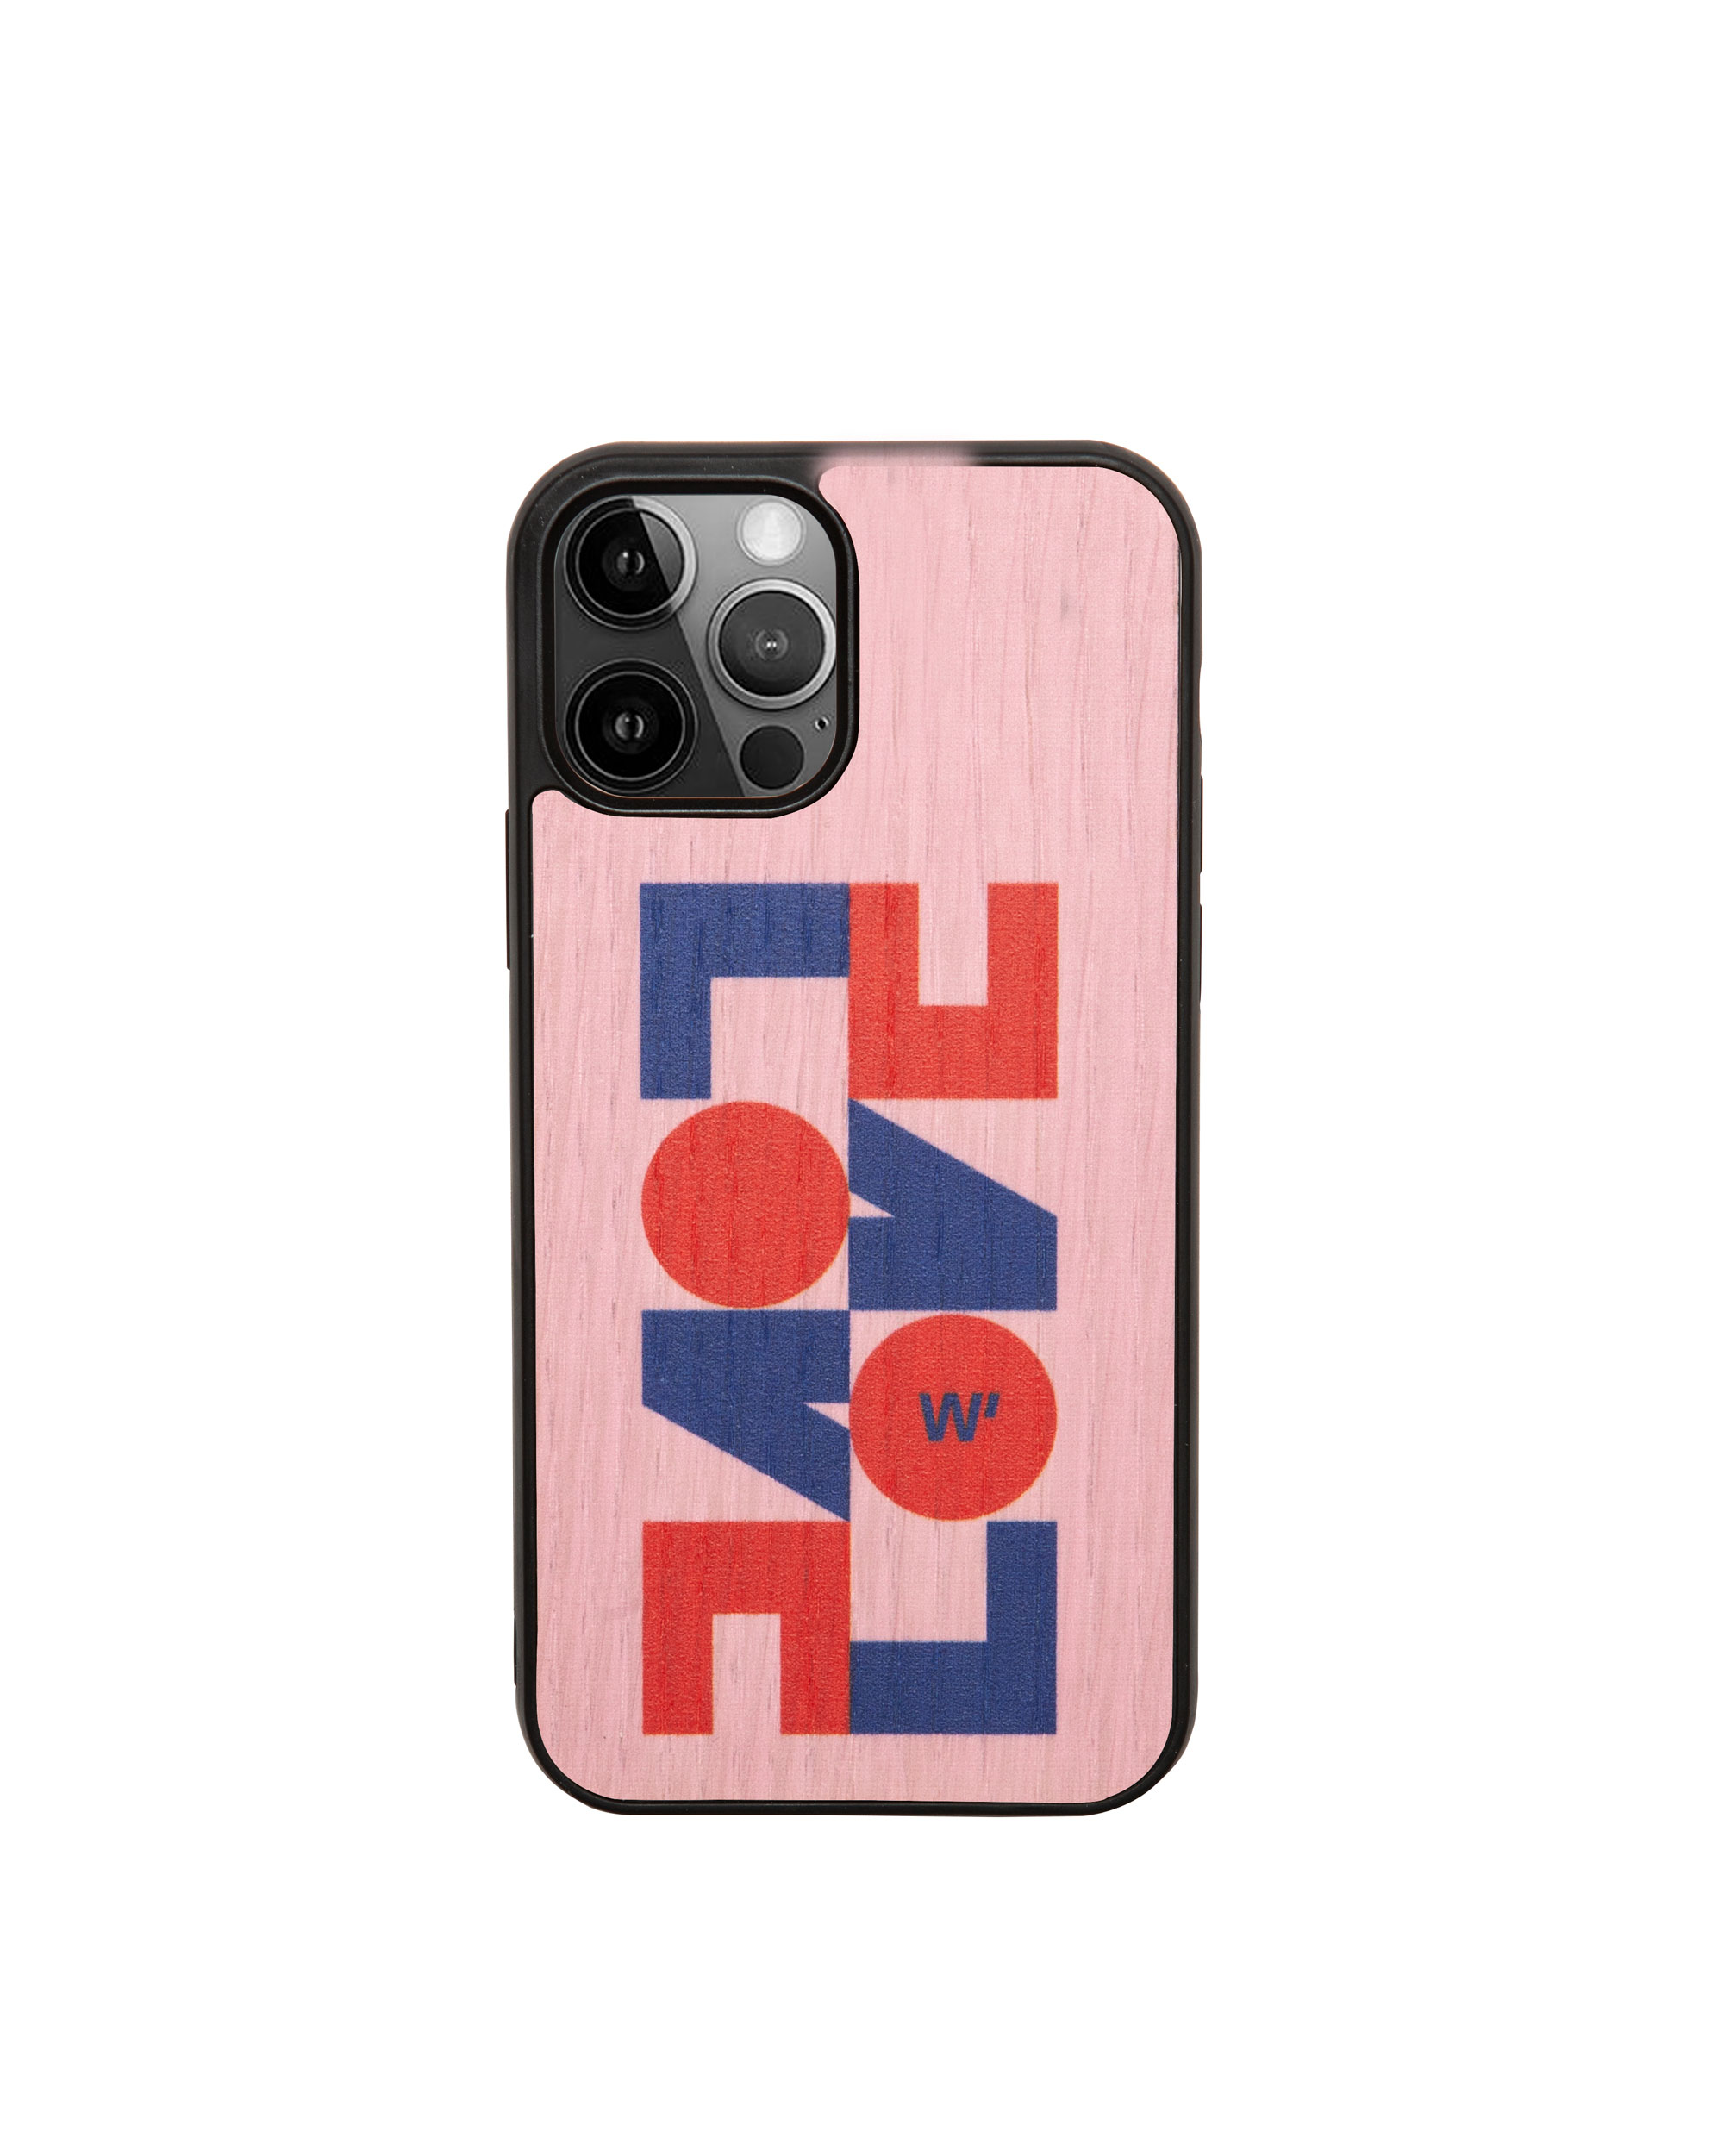 LOVE - Coque en bois pour iPhone 11 pro max